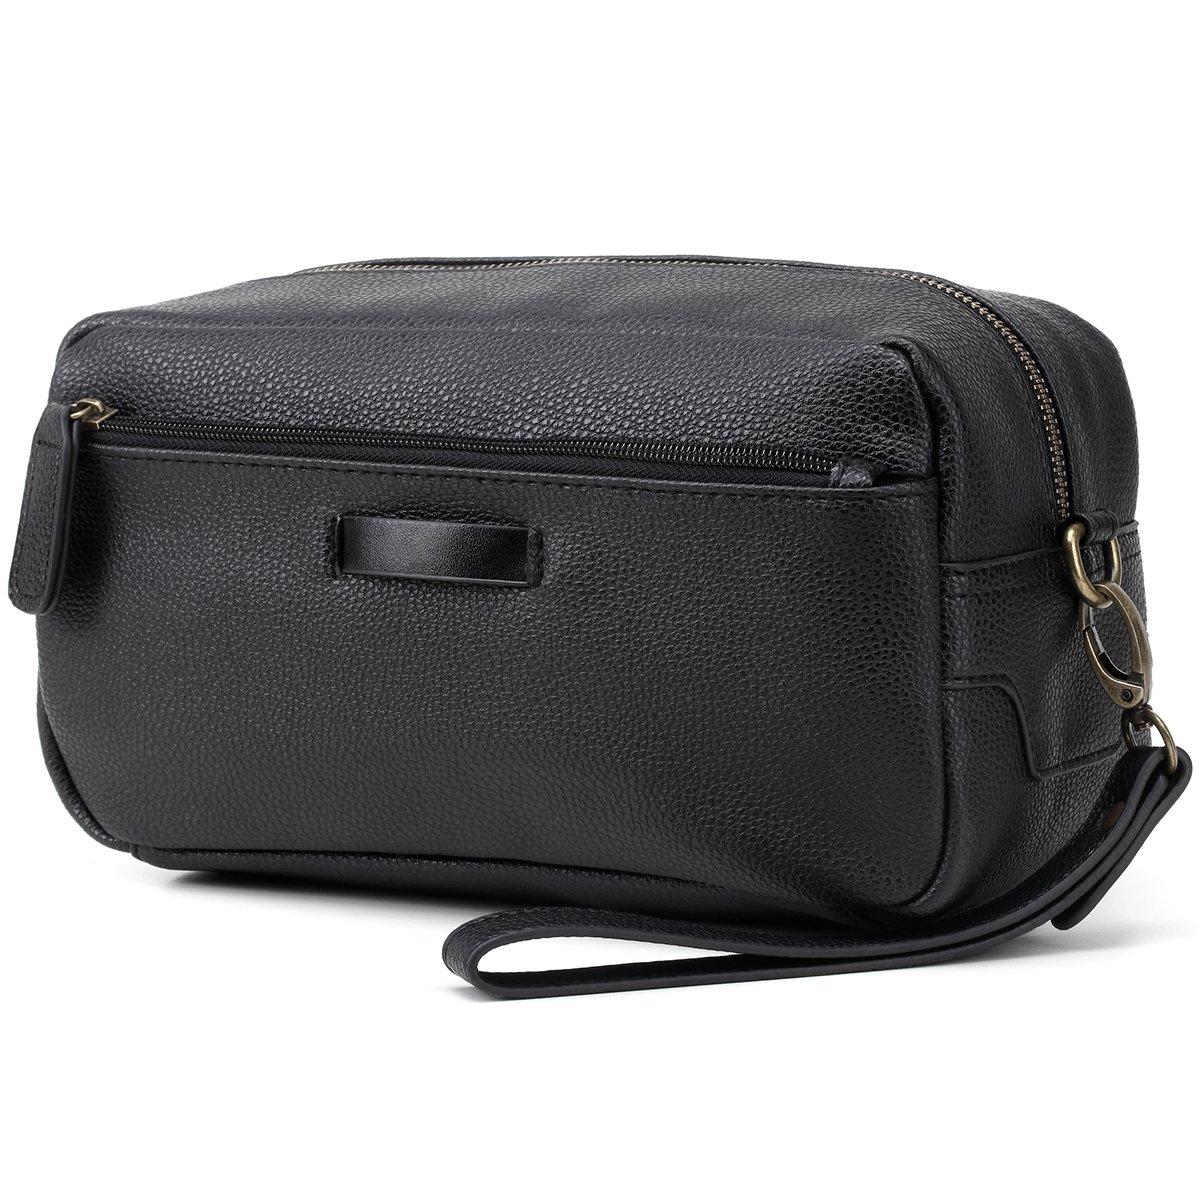 Abillon Travel Toiletry Bag Leather Shaving Dopp Kit, Unisex